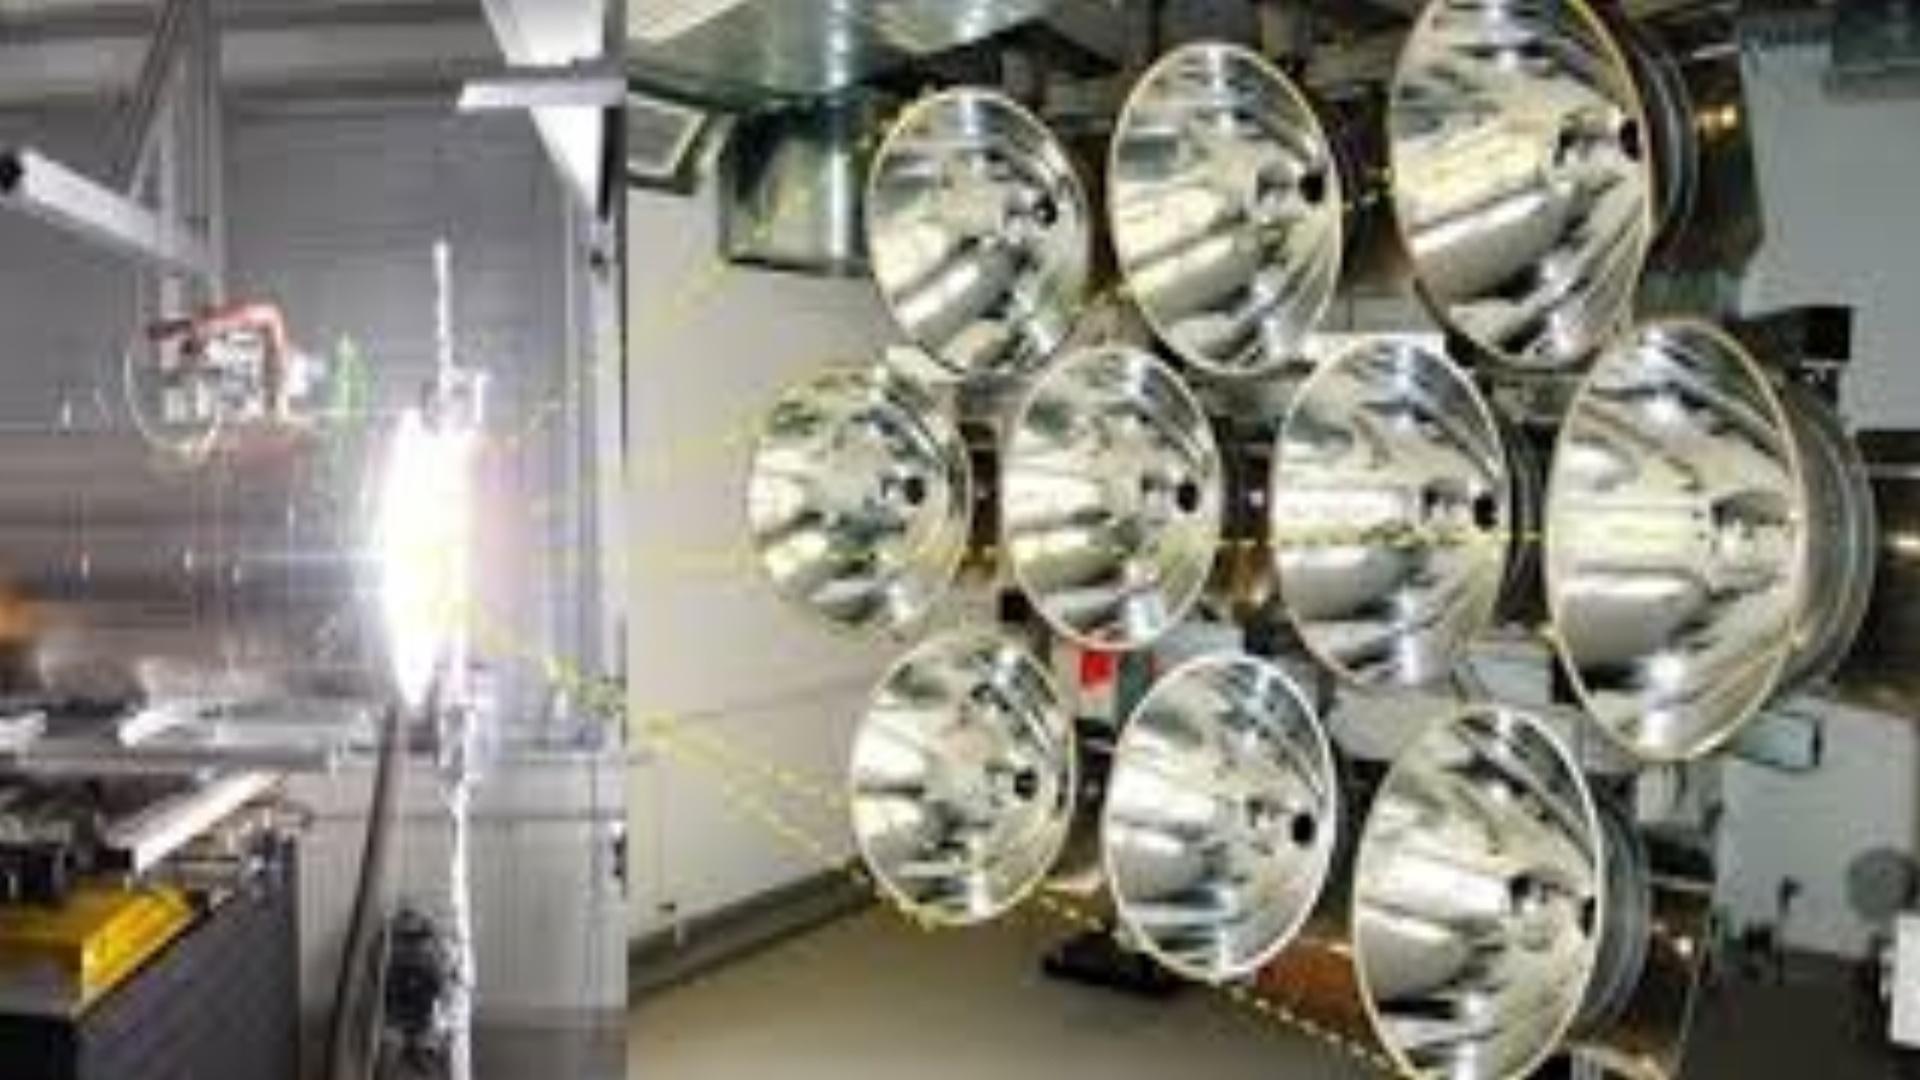 Alimlər generatorları əvəz edəcək günəş reaktoru qurublar